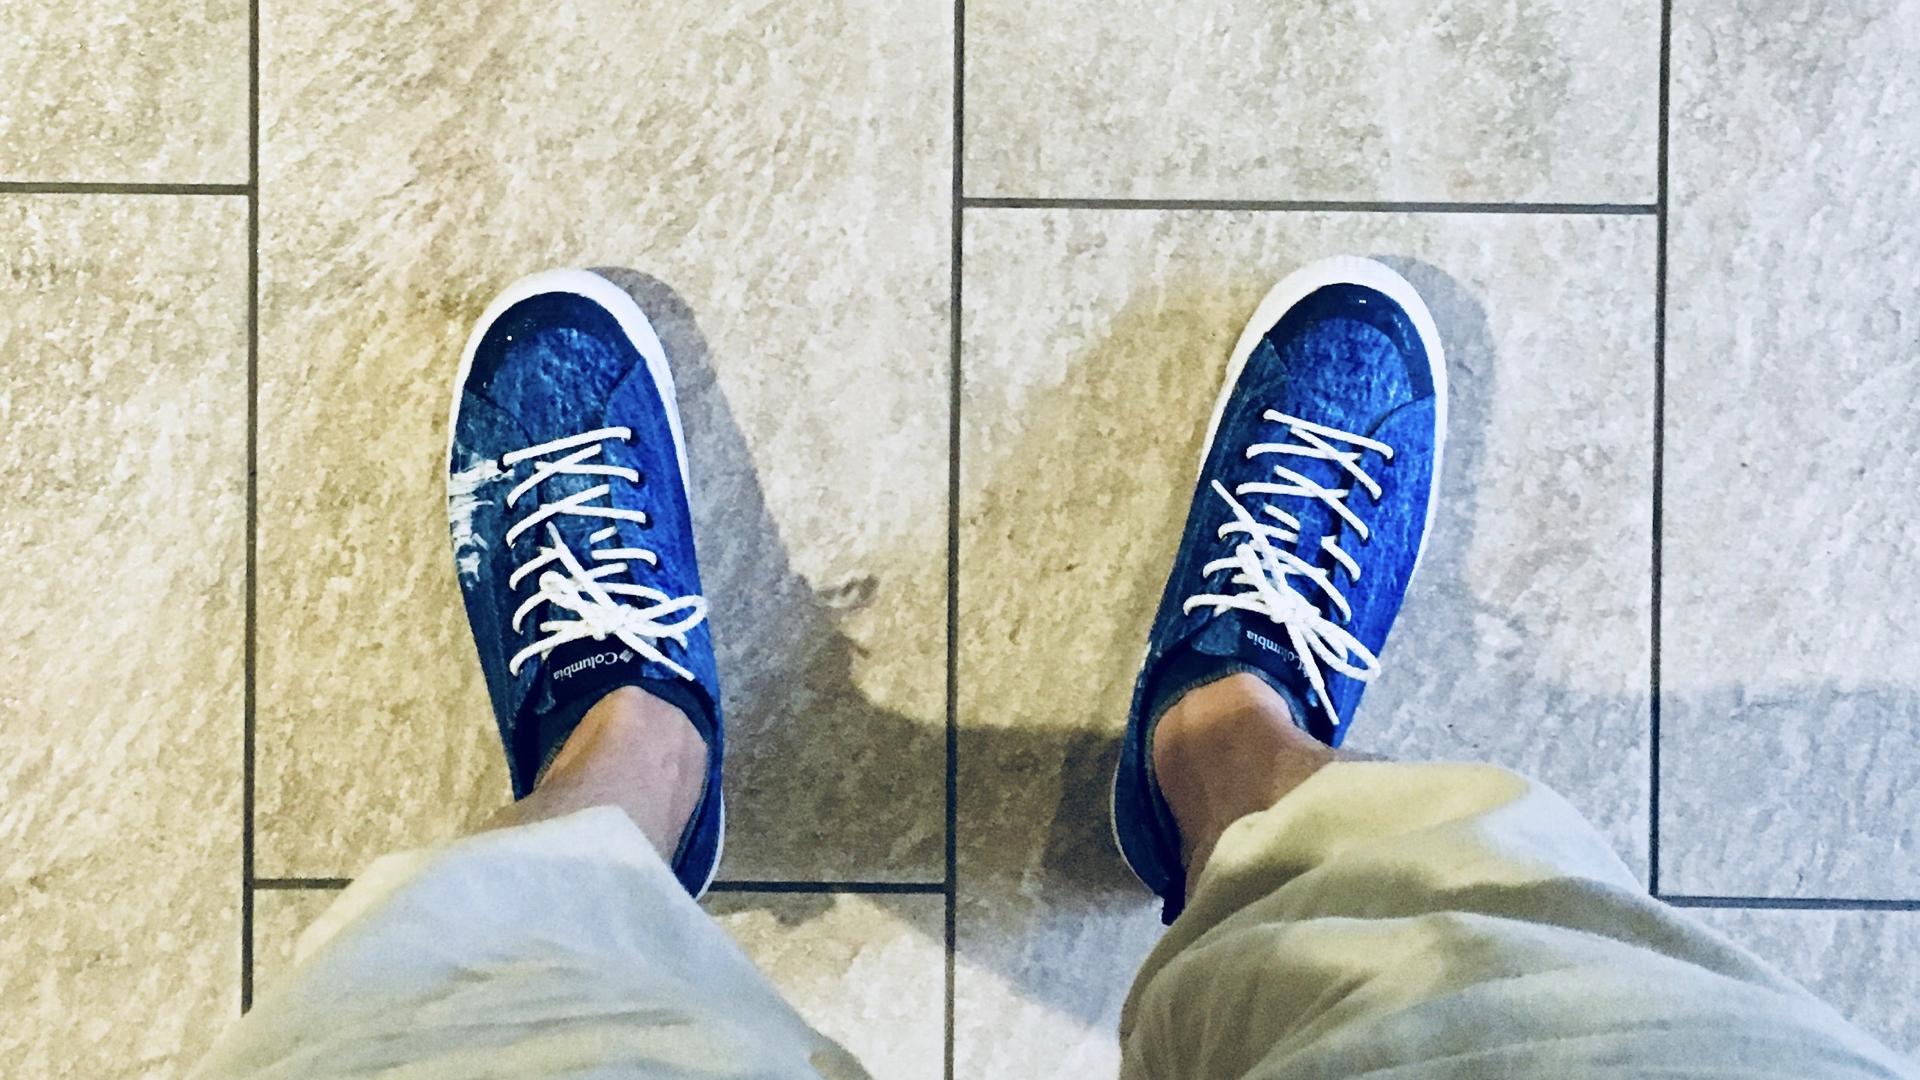 私服通勤に最適!オシャレなメンズ雨用の靴